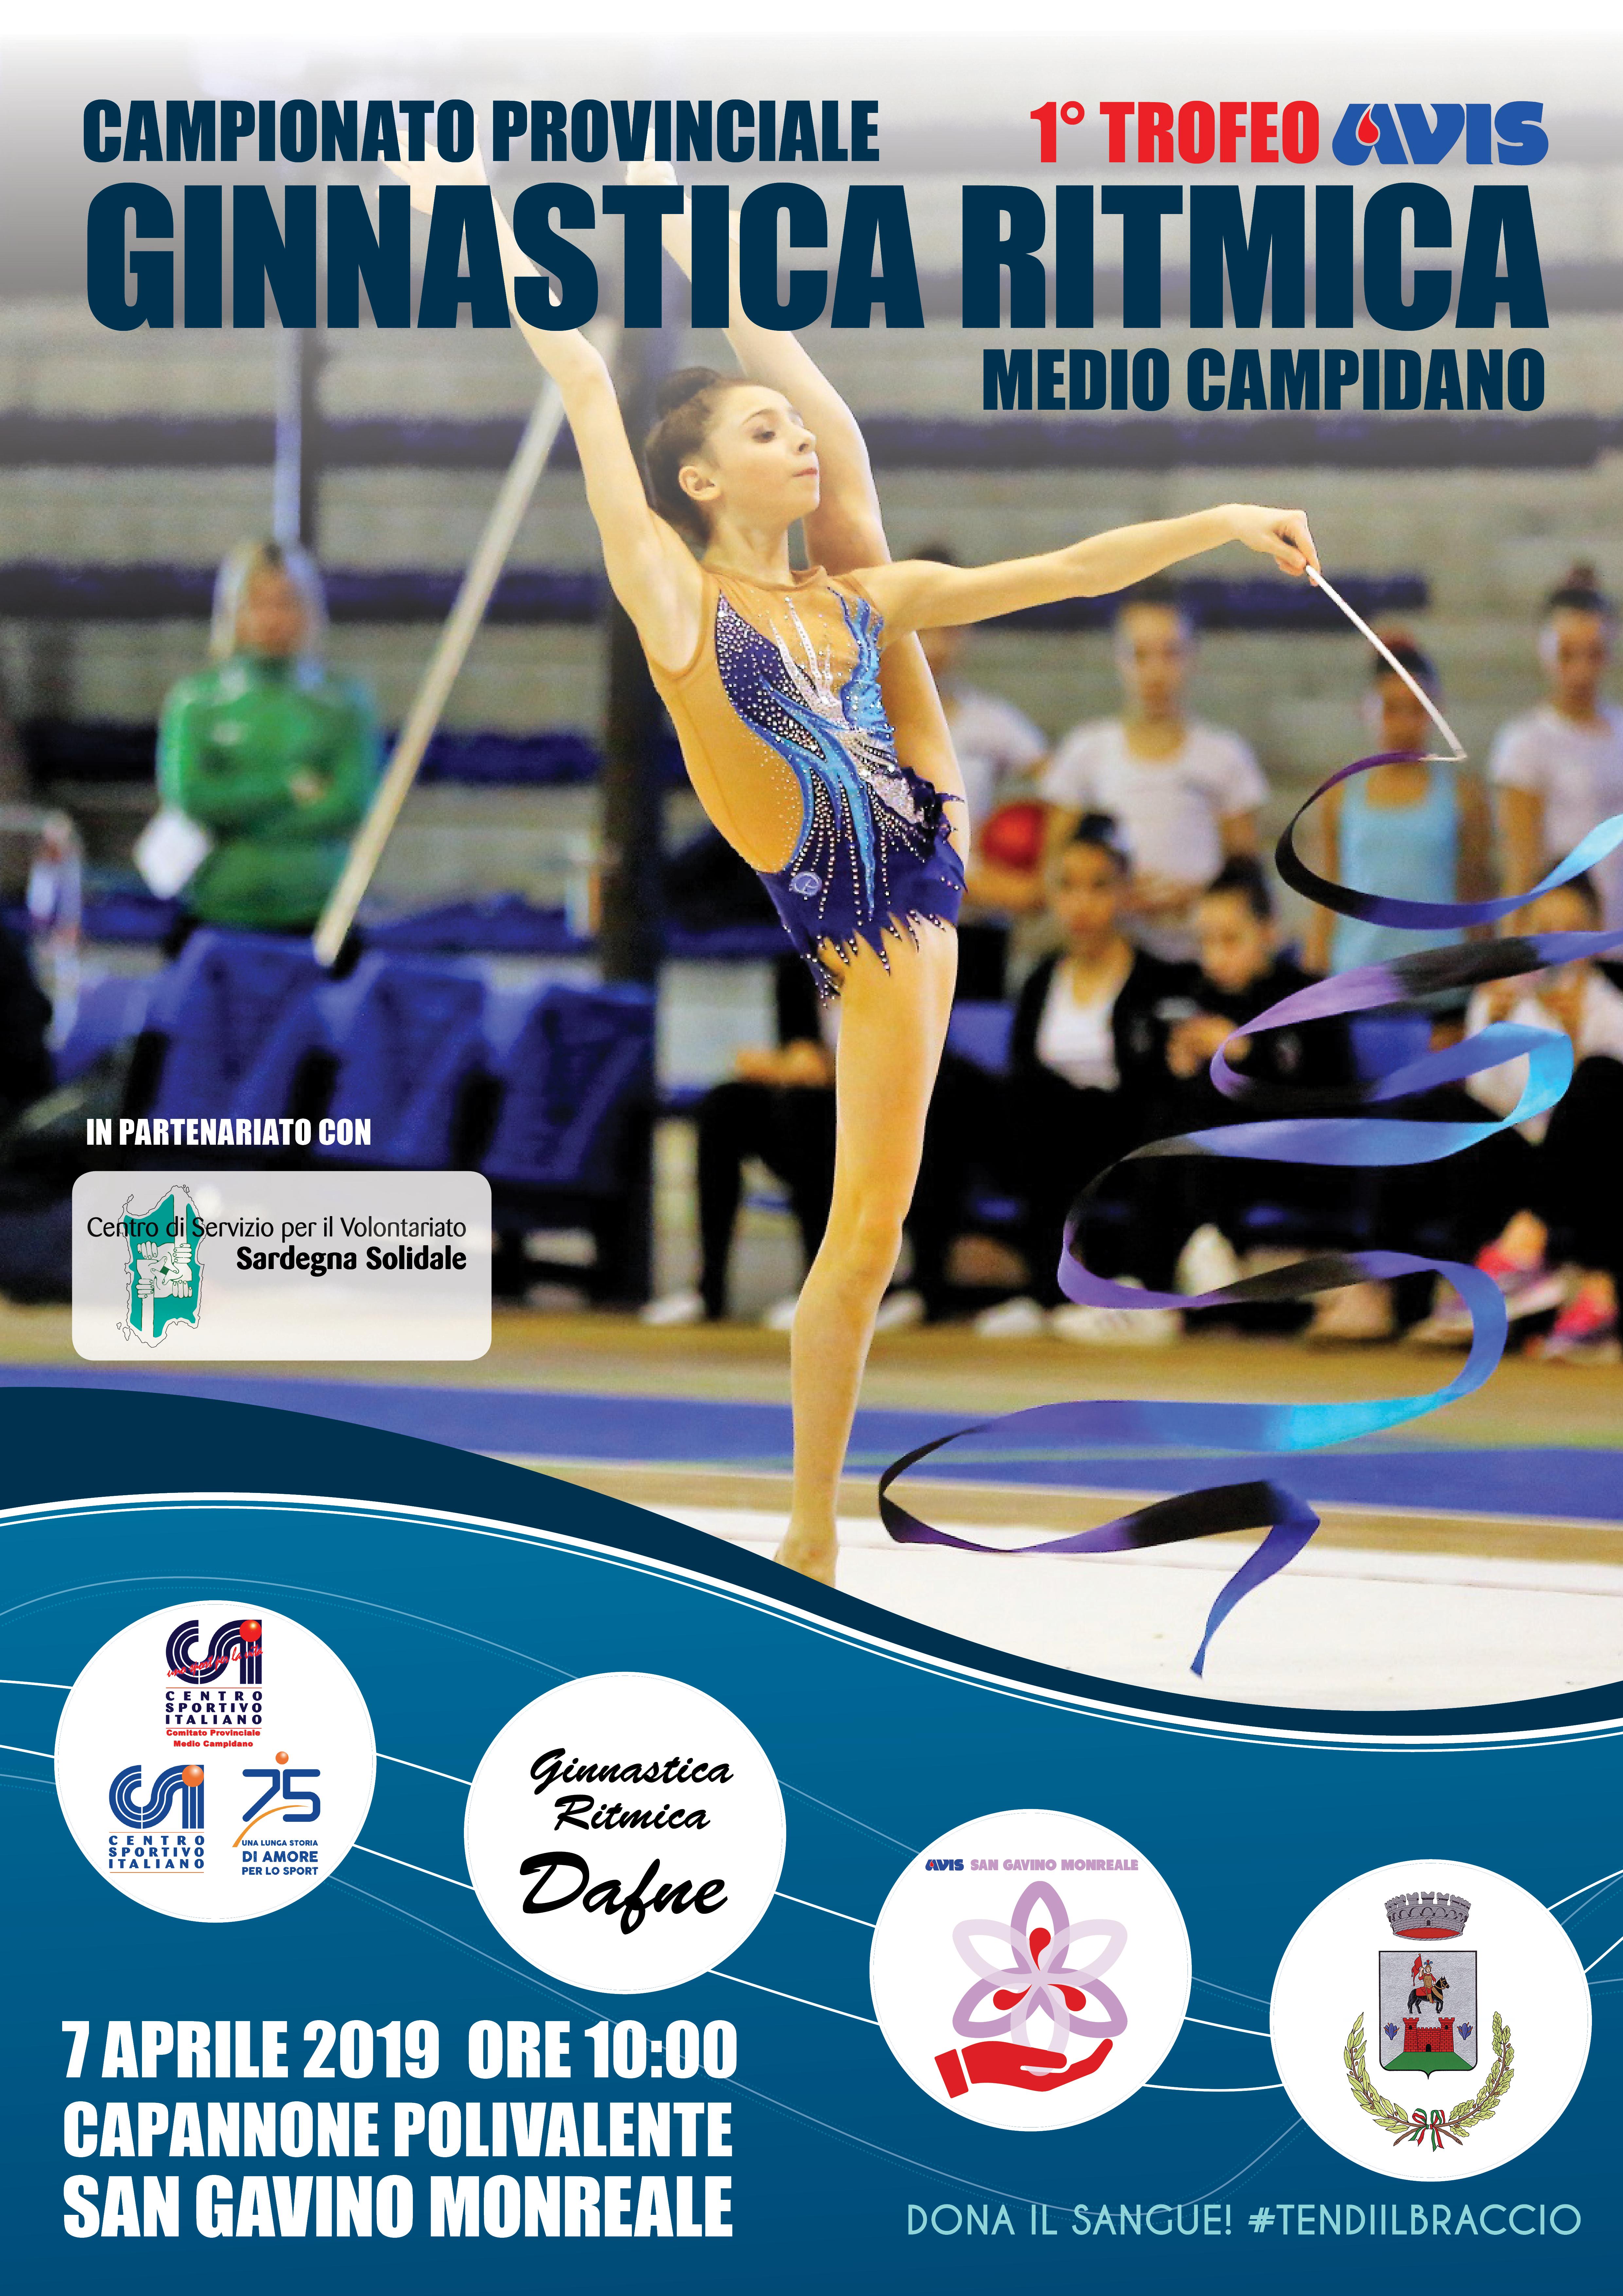 1° Trofeo AVIS - Campionato Provinciale di Ginnastica Ritmica